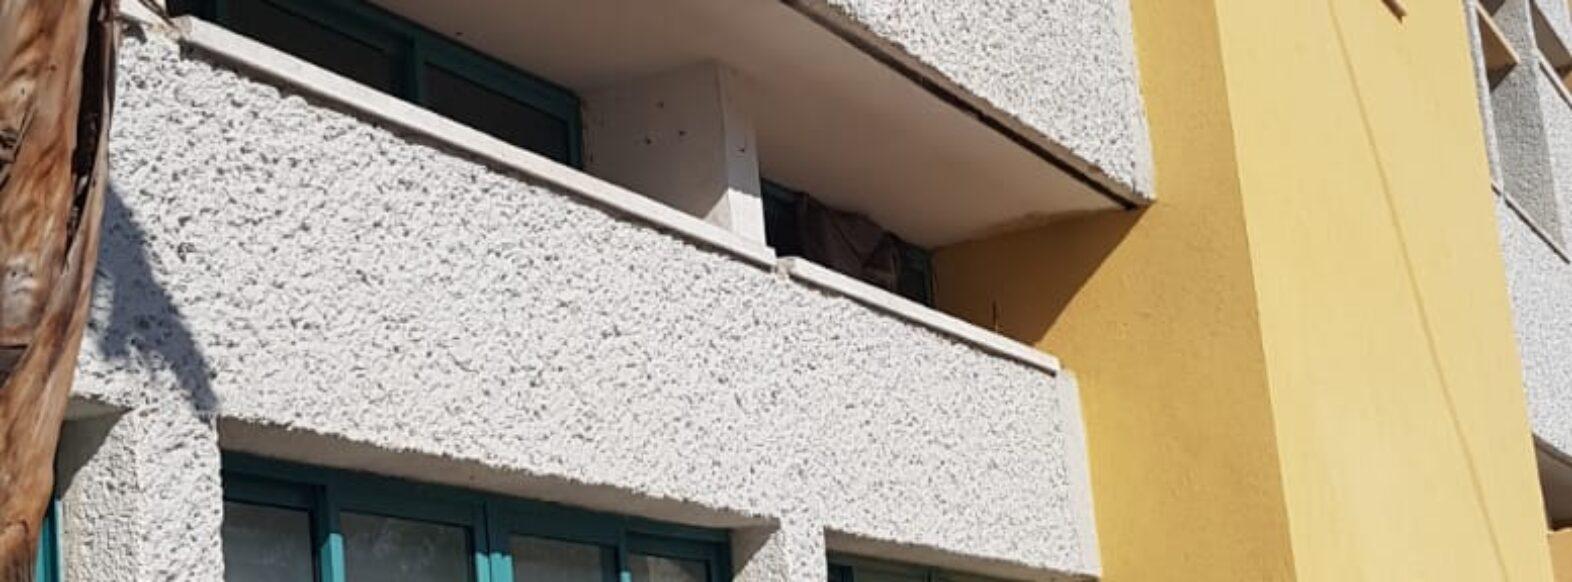 עיריית קריית ביאליק מחזקת את מבני החינוך נגד רעידת אדמה